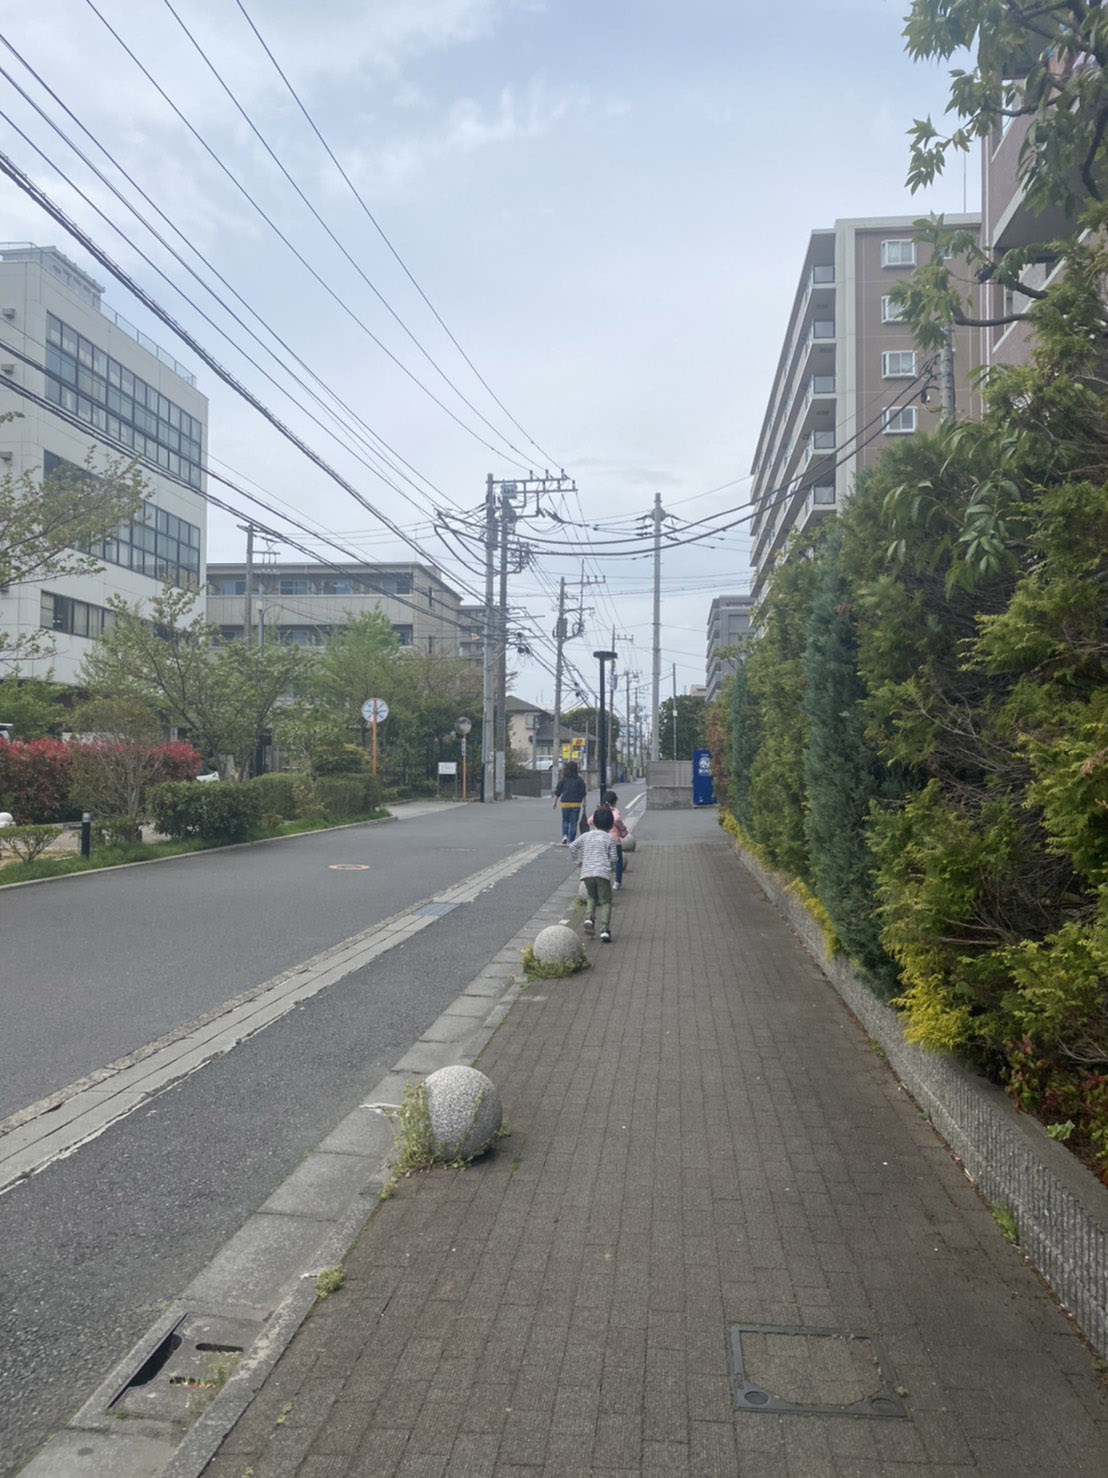 真っ直ぐな道路の写真